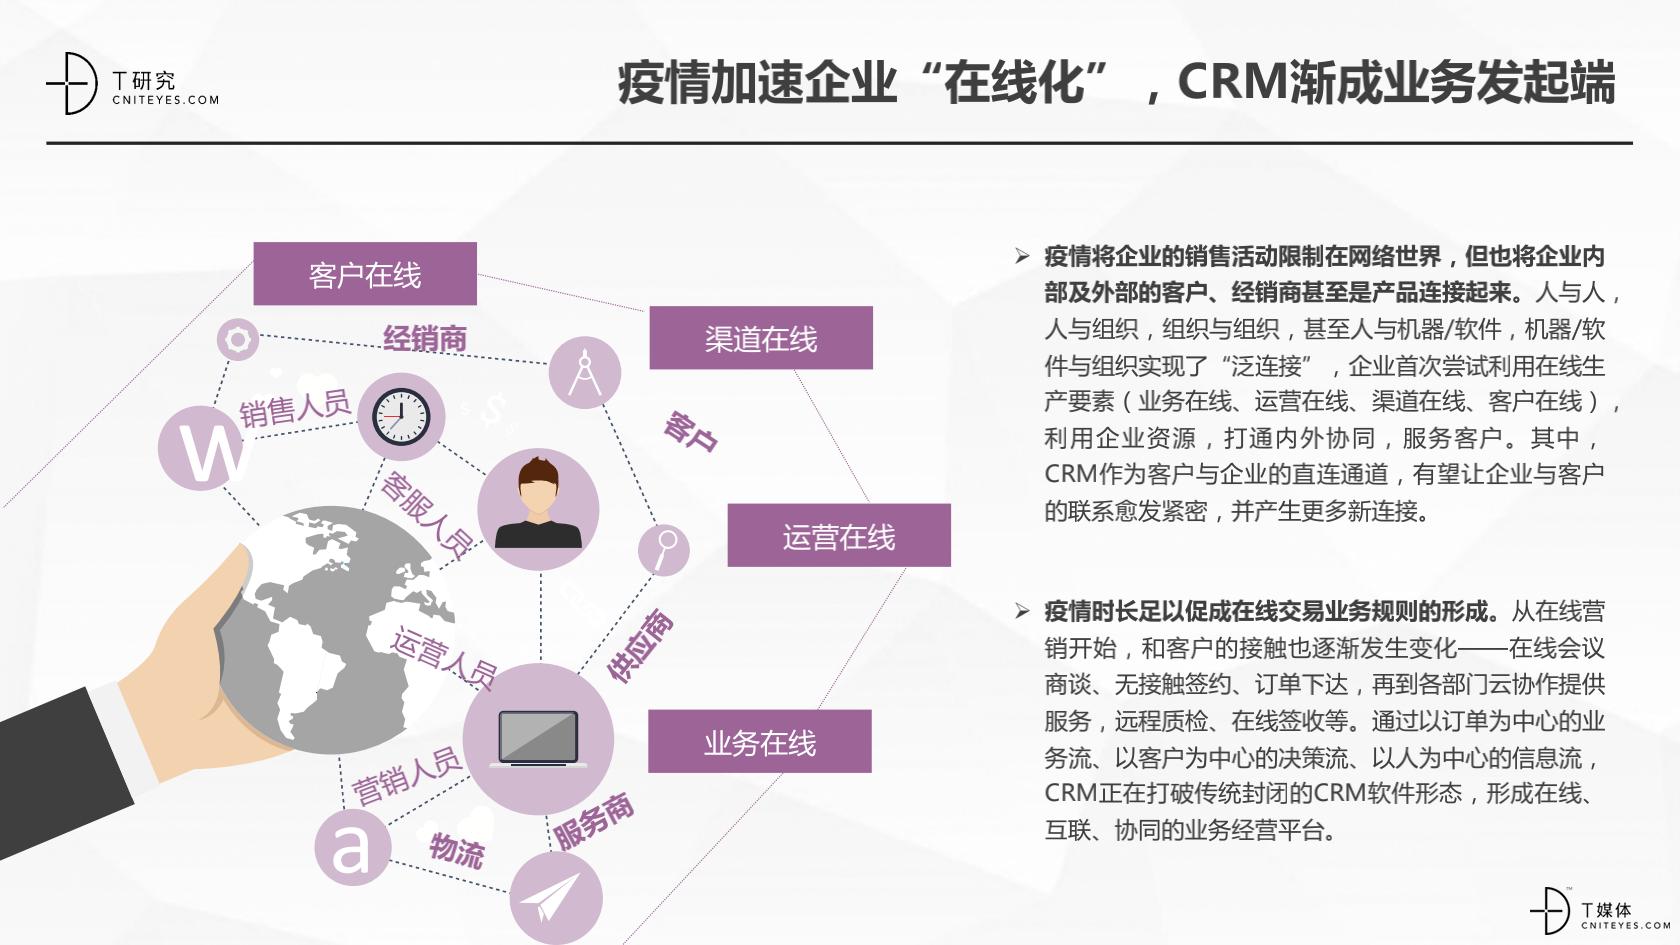 2_2020中国CRM指数测评报告v1.5_45.png